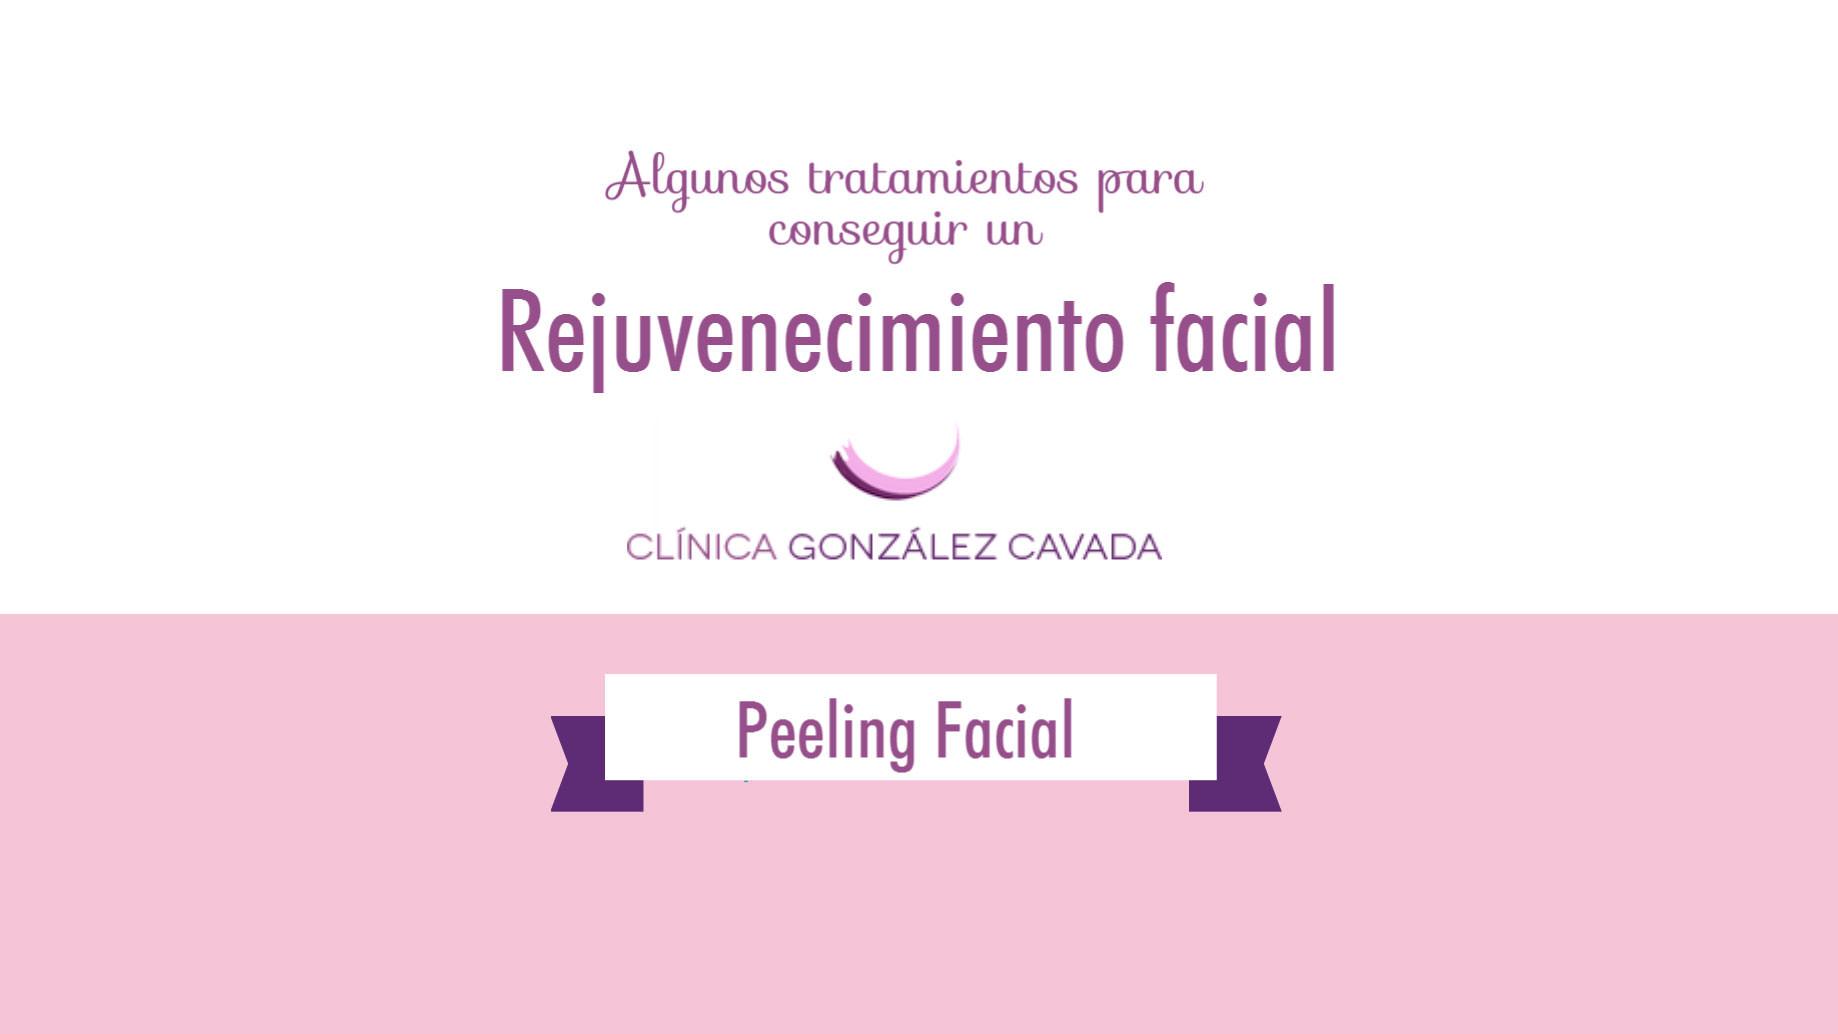 tratamientos de rejuvenecimiento facial-cavada-1